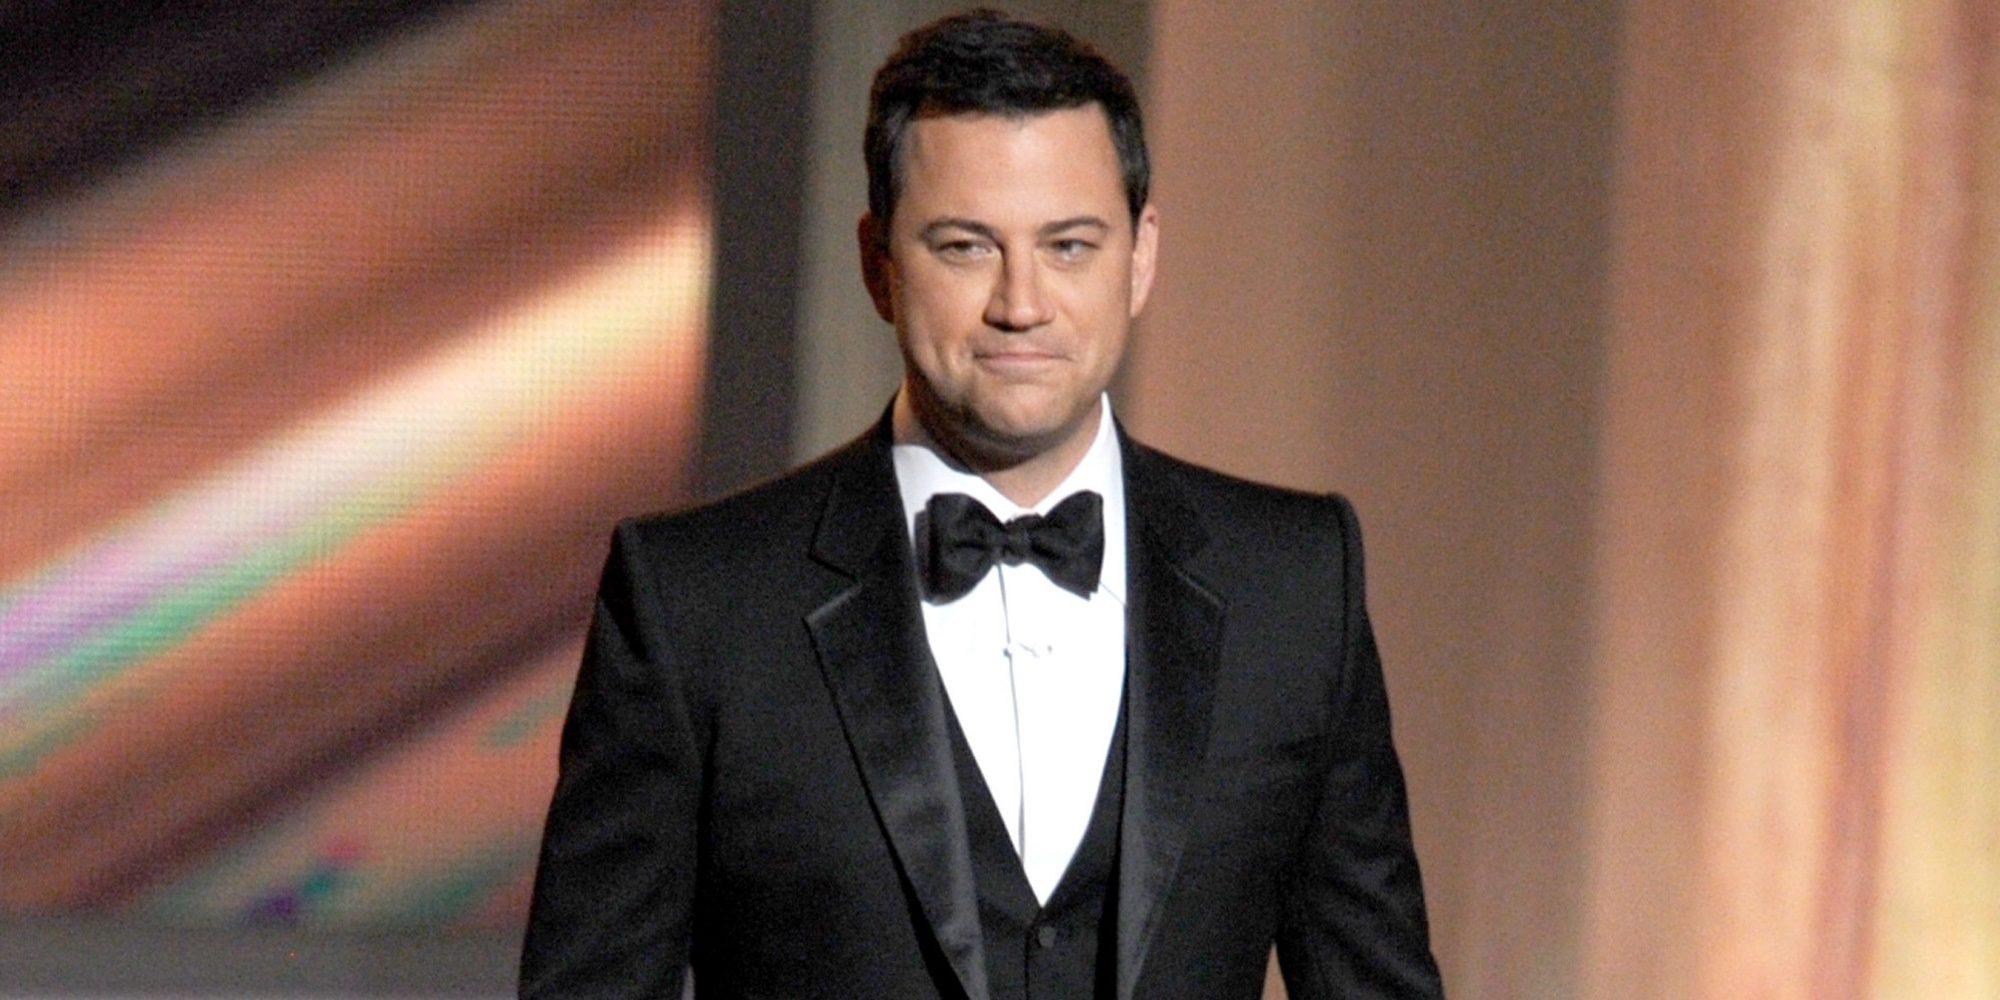 Jimmy Kimmel será el encargado de presentar la gala de los Premios Oscar 2017